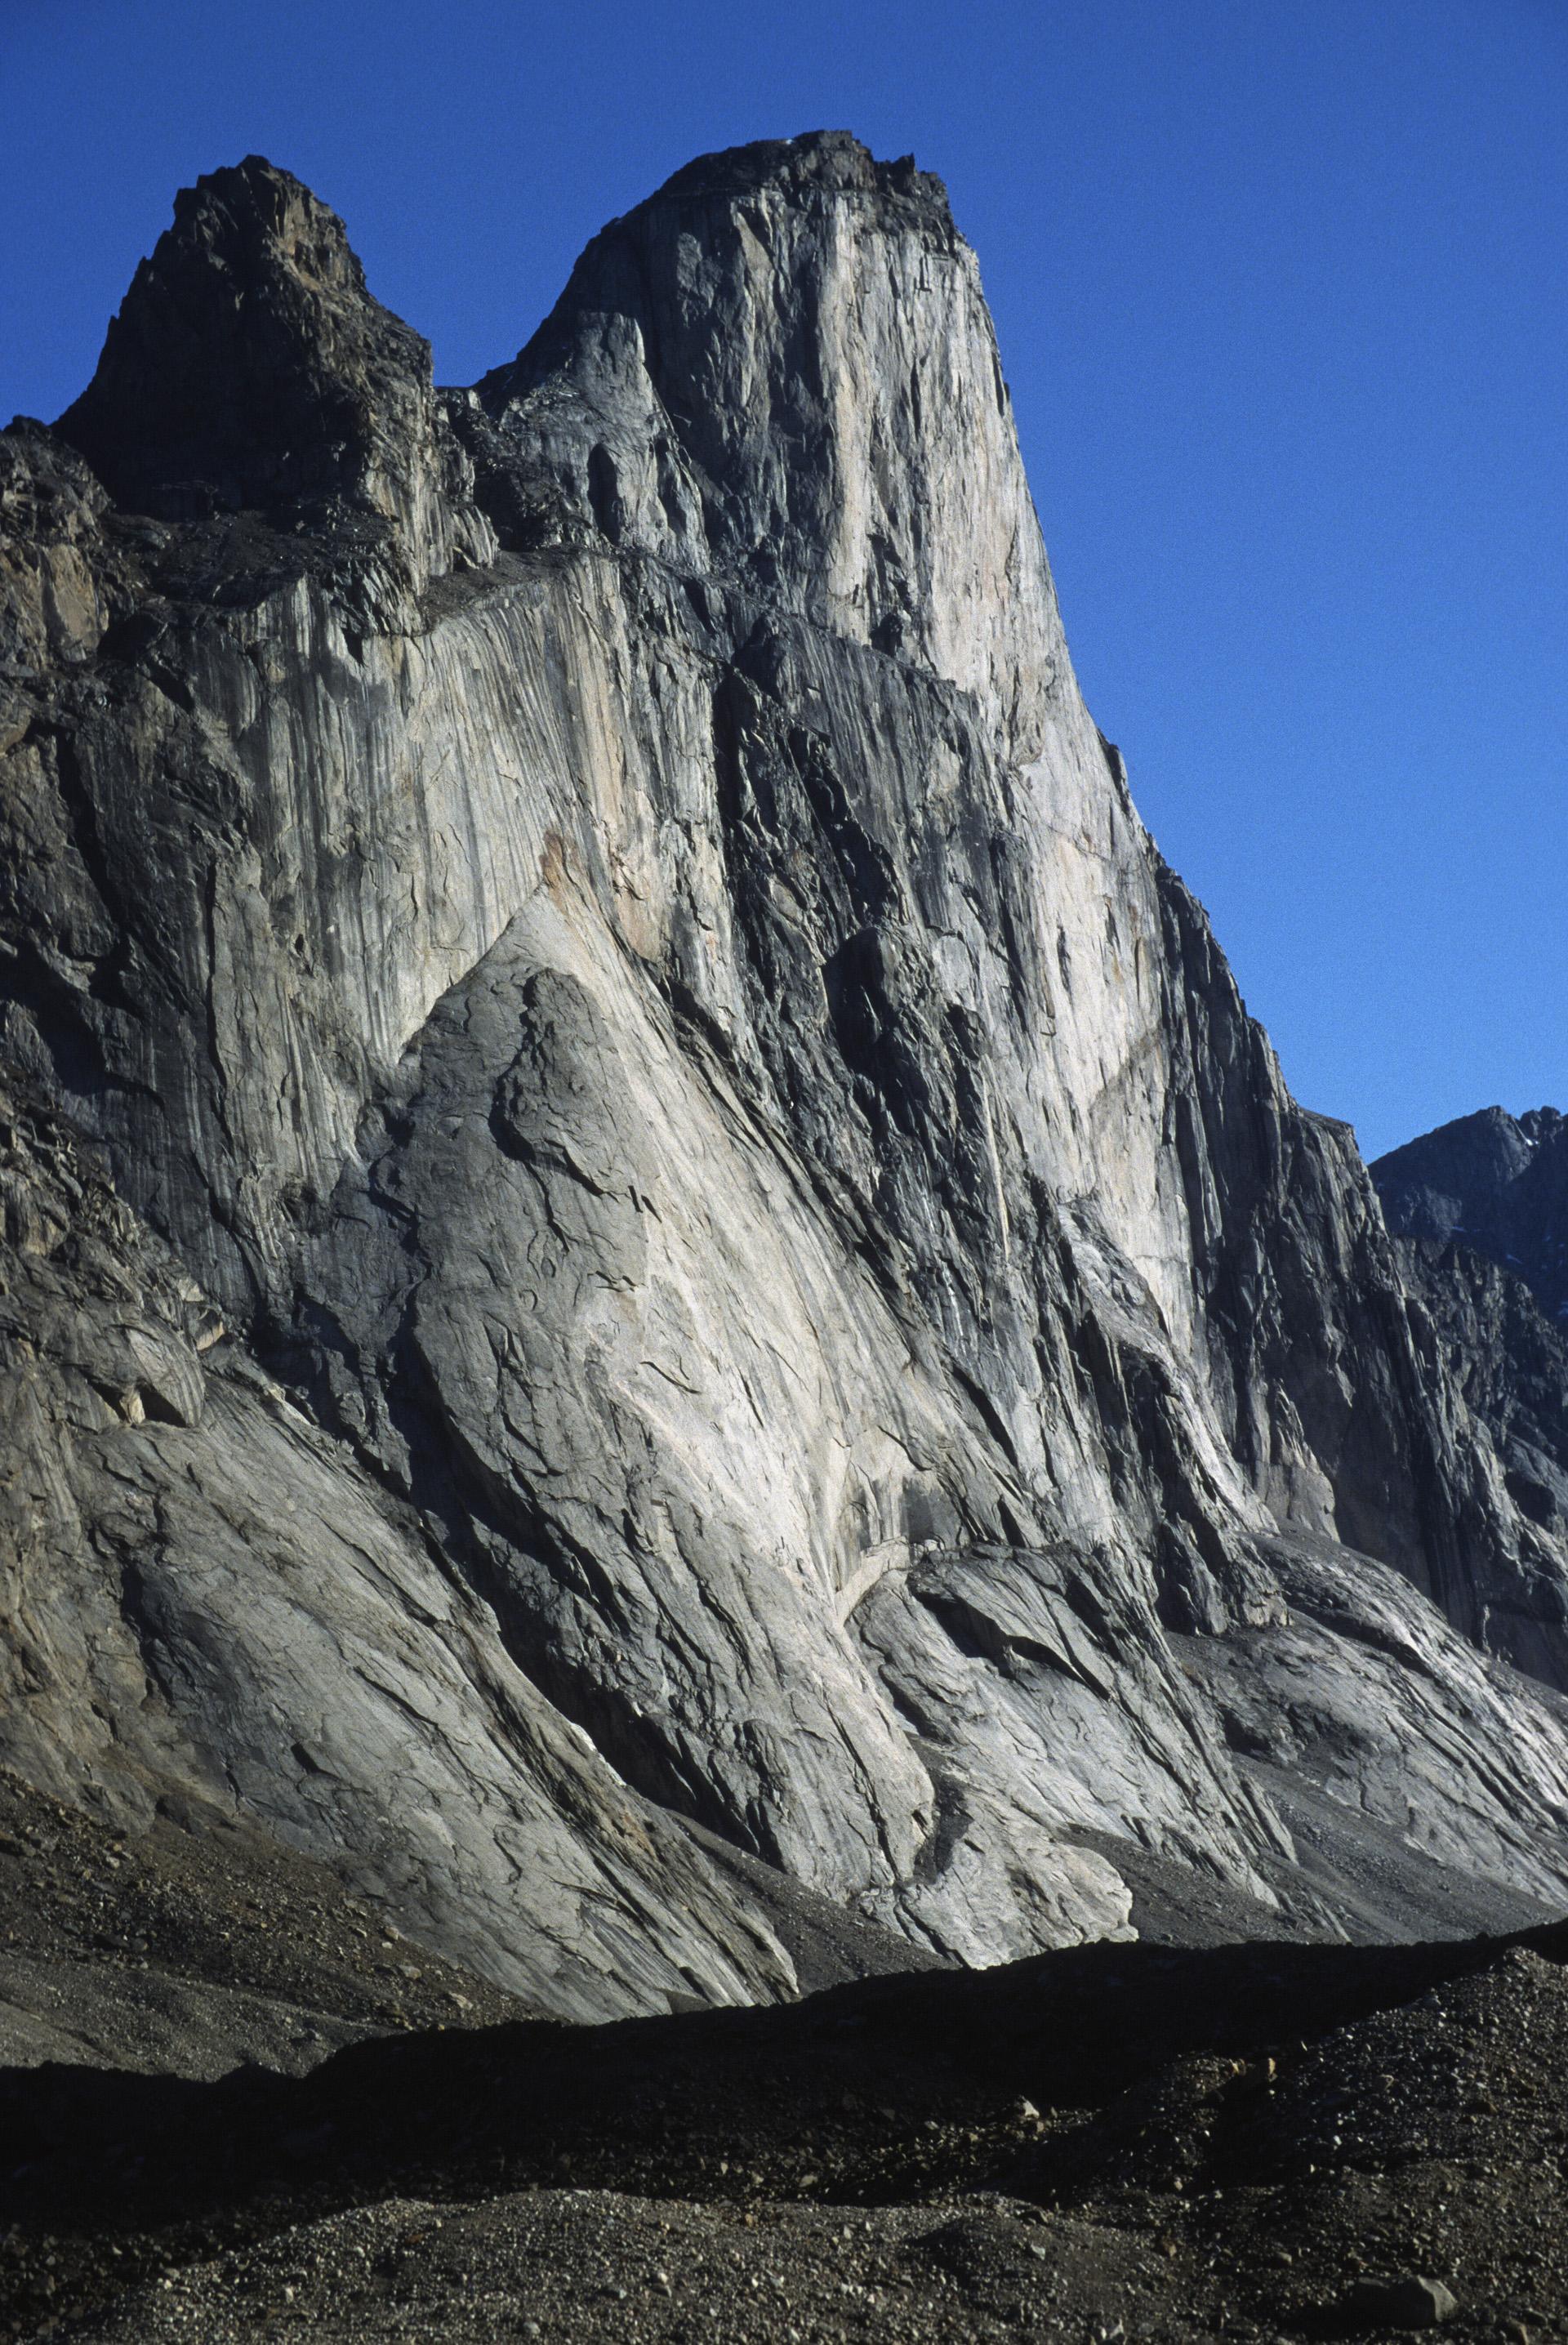 Mt. Thor's 1250m face